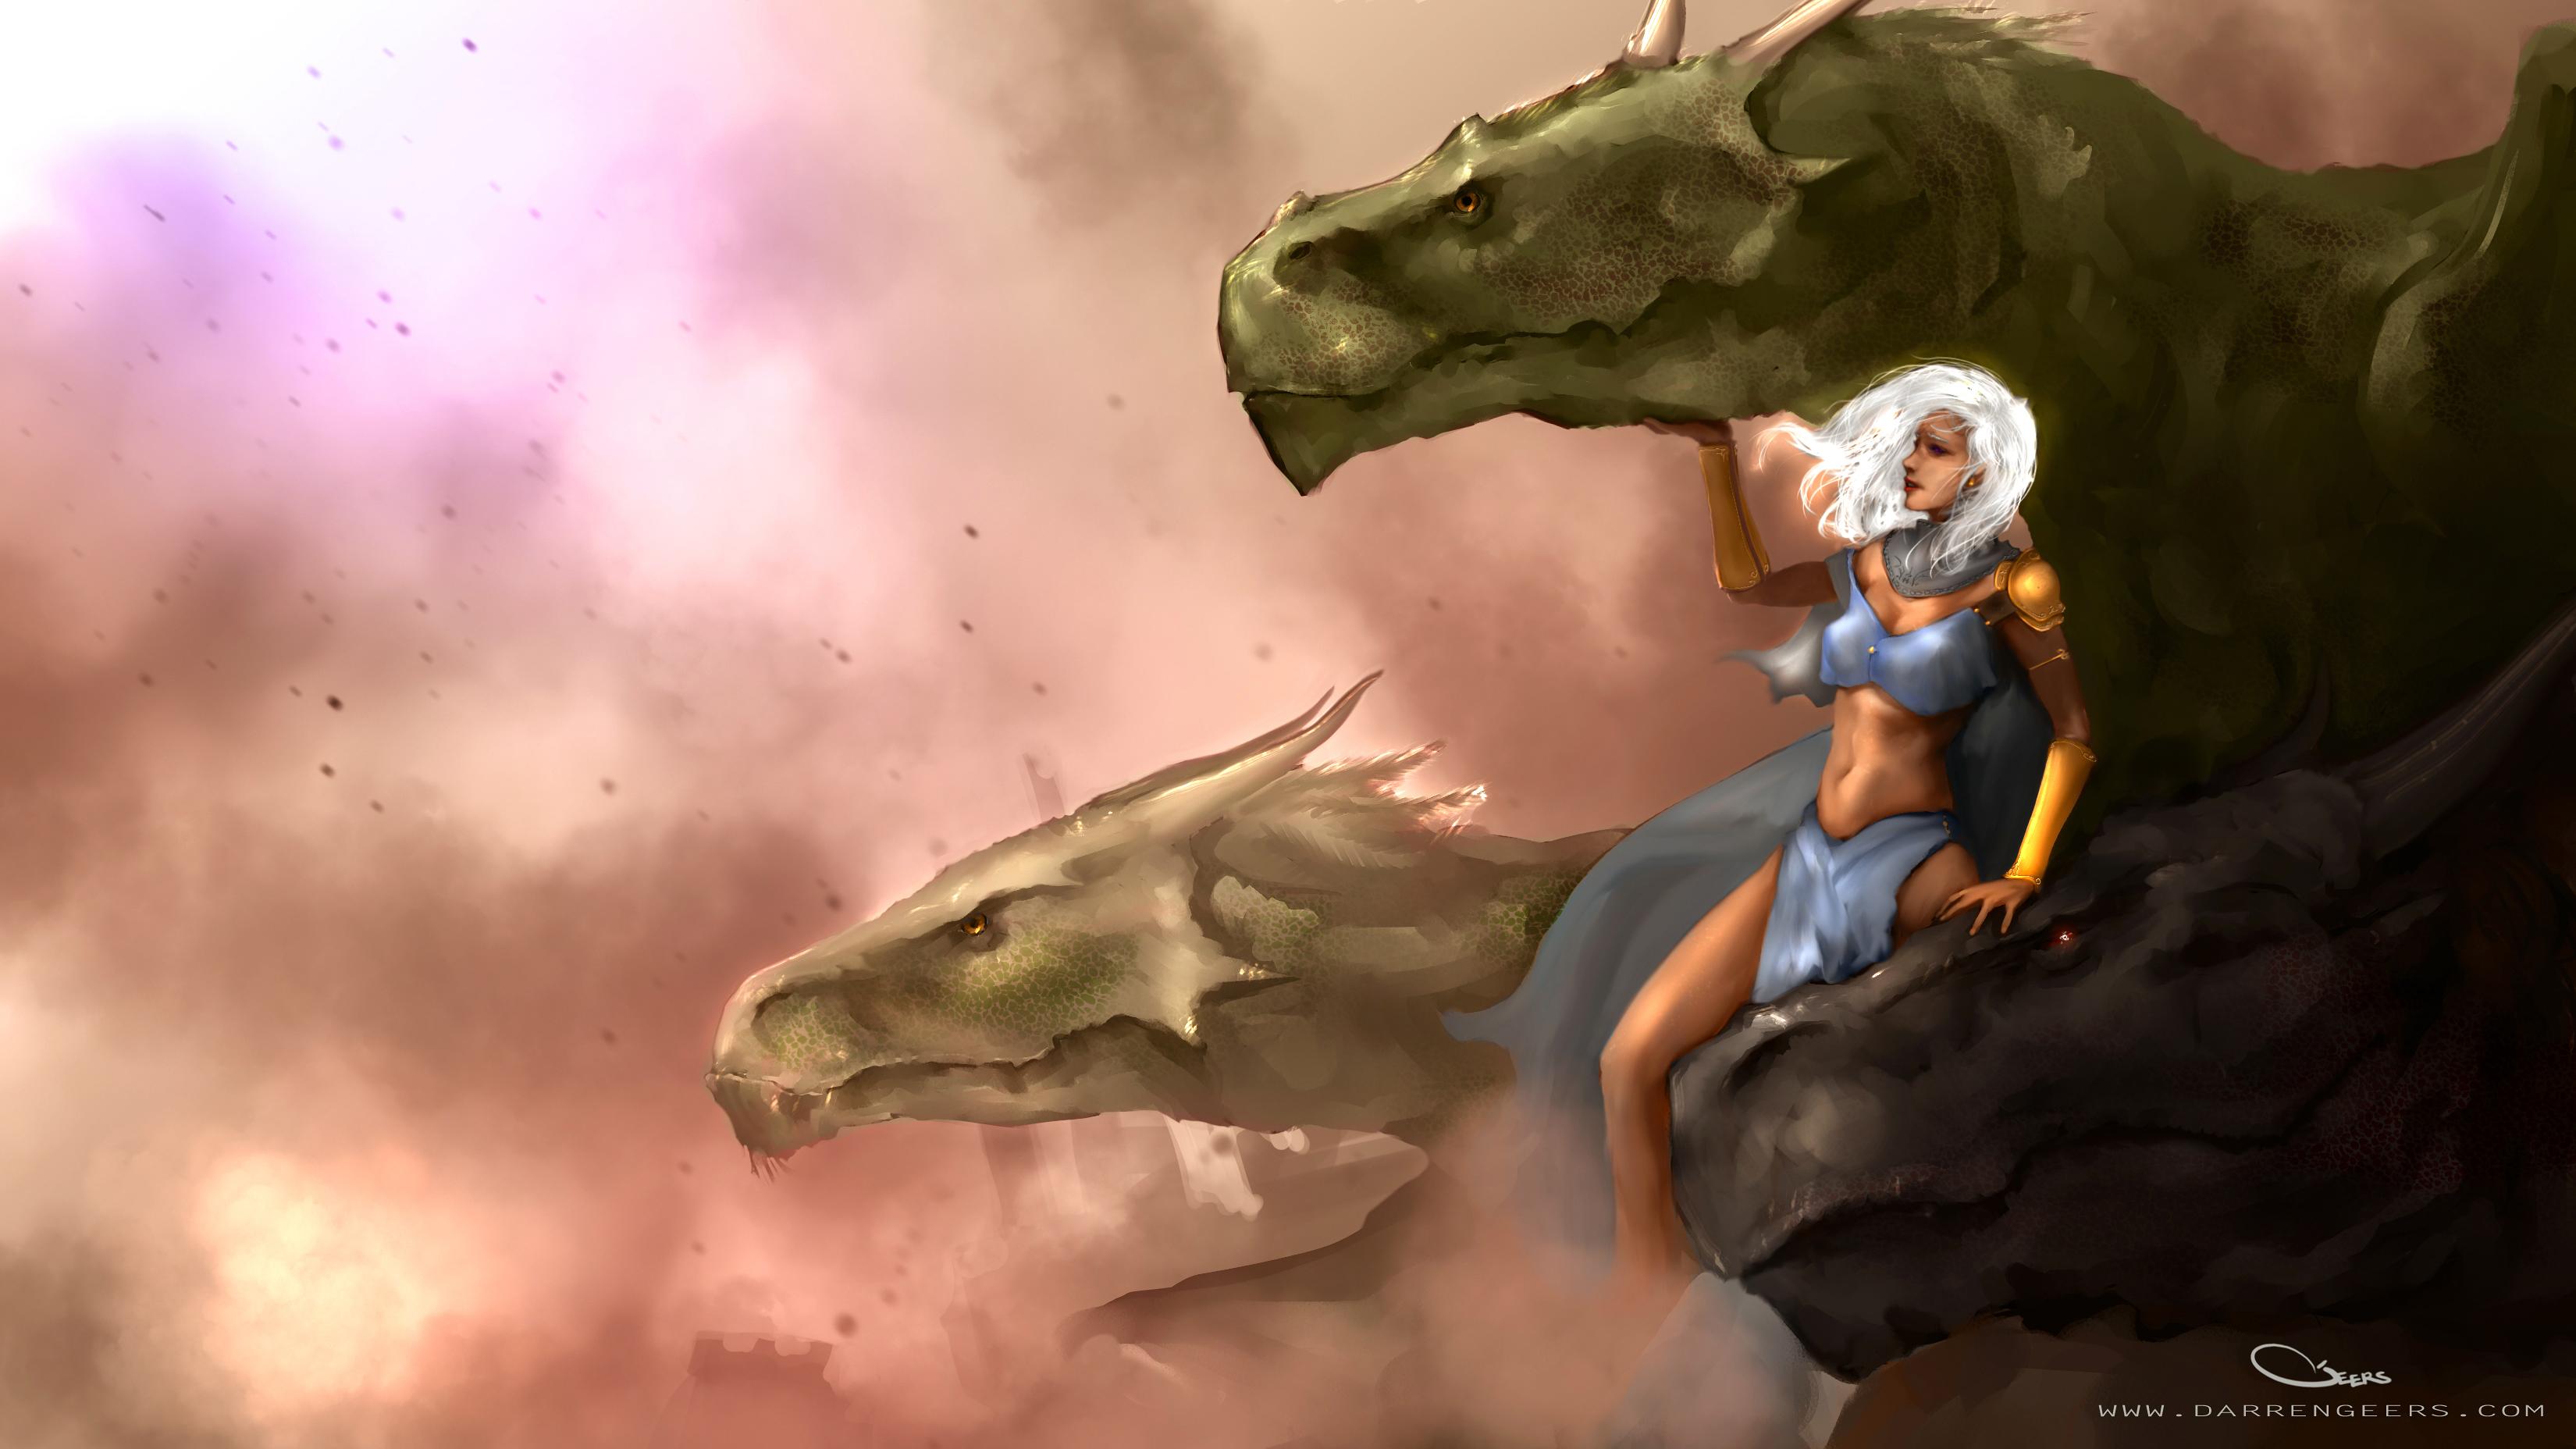 Daenerys Targaryen and Dragons, Game of Thrones